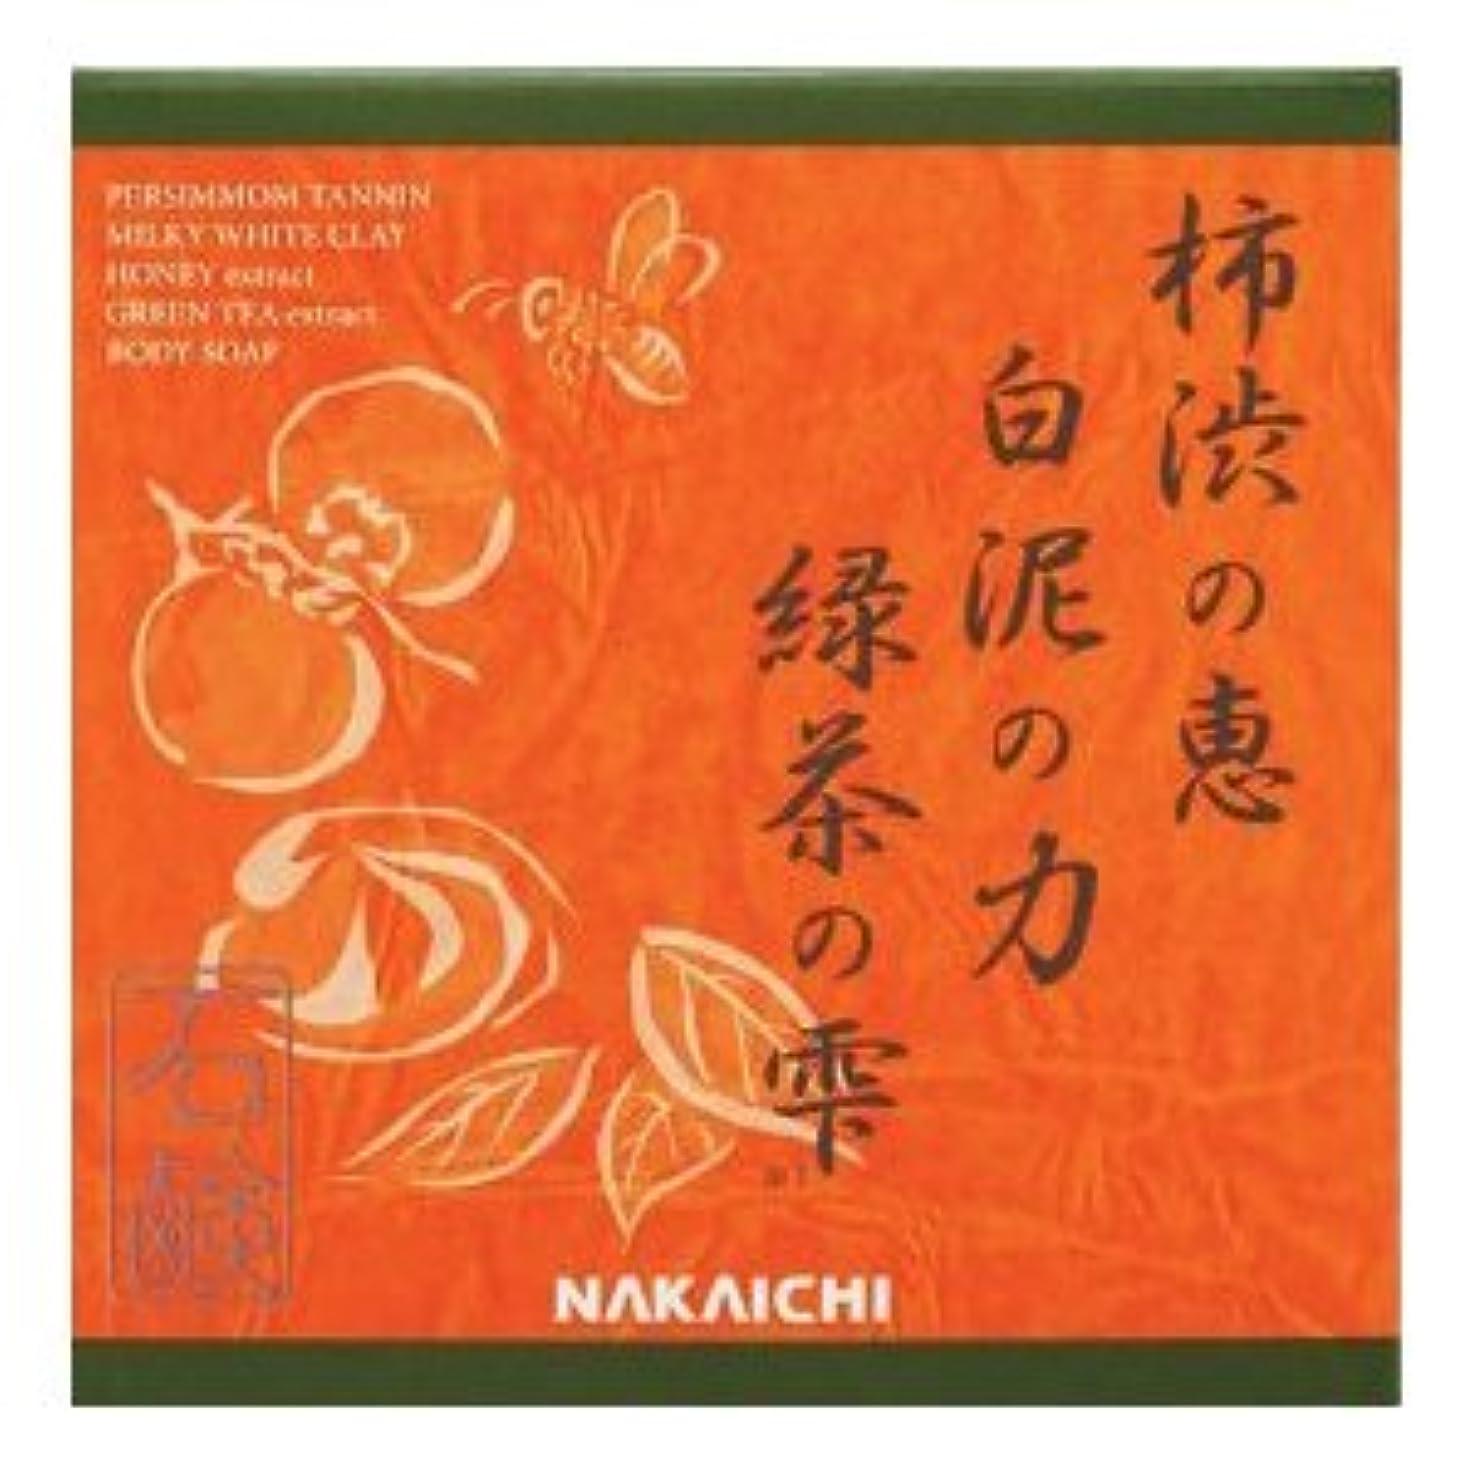 枕ショッピングセンター弾力性のある柿渋の恵み?白泥の力?緑茶の雫  Nakaichi クリアボディーソープ  100g  (化粧品)